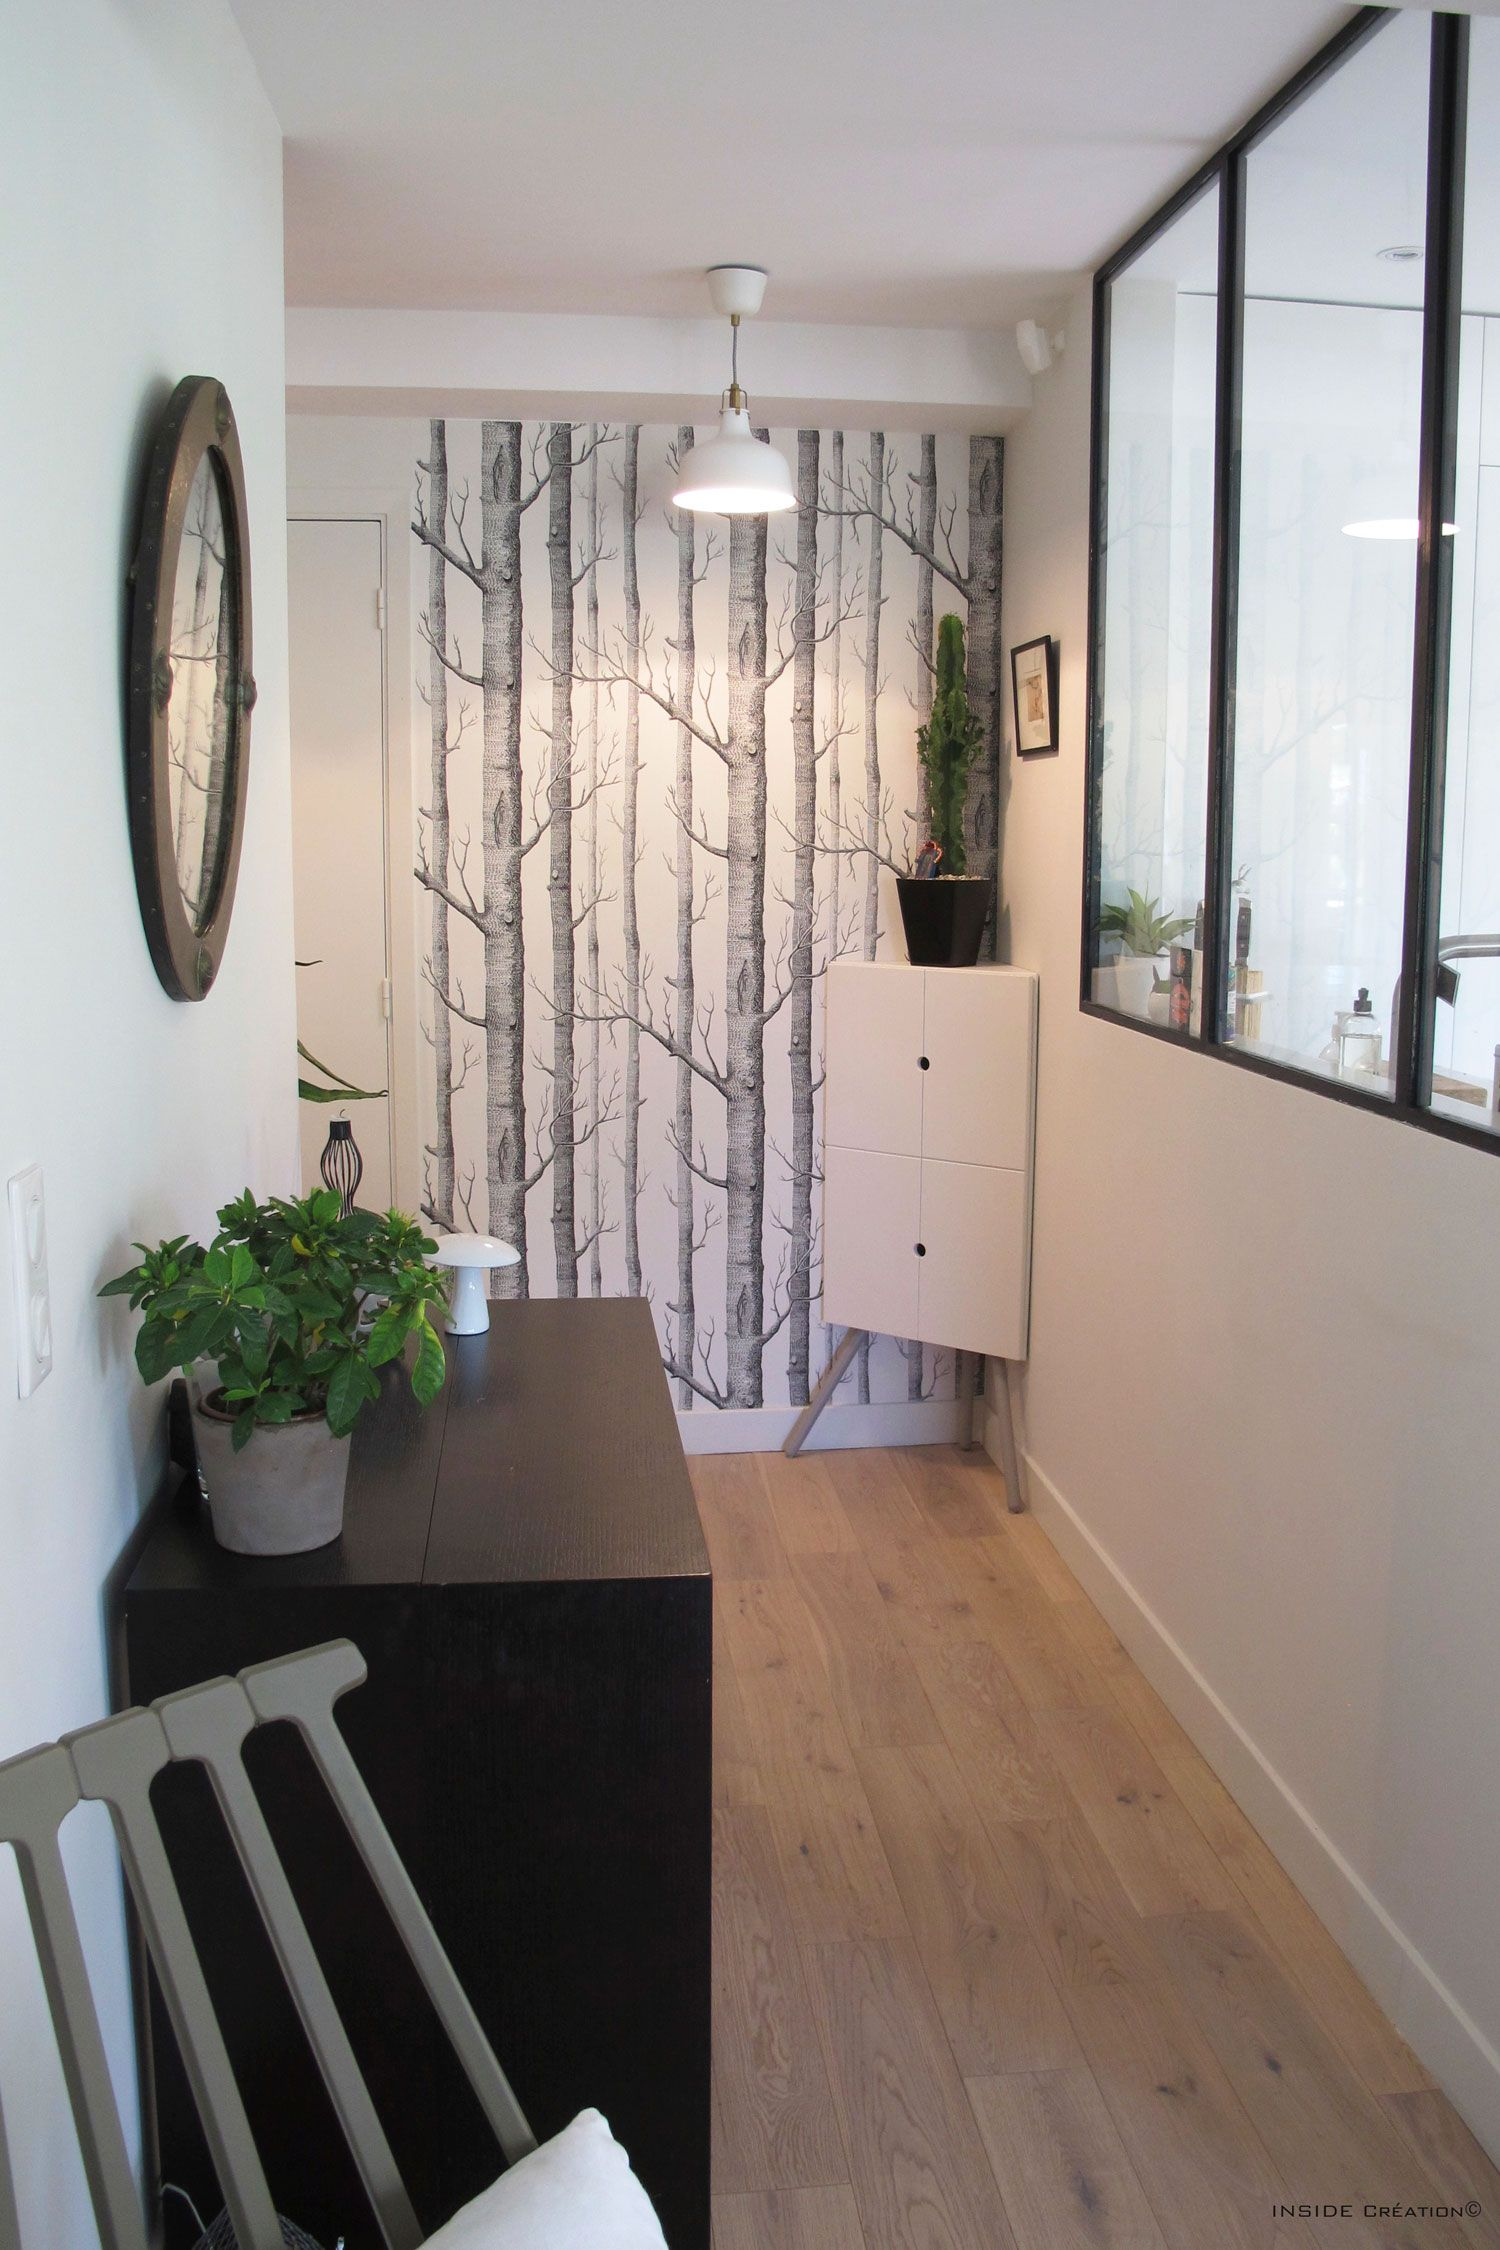 les 25 meilleures id es de la cat gorie papier peint arbre sur pinterest peindre l 39 osier. Black Bedroom Furniture Sets. Home Design Ideas